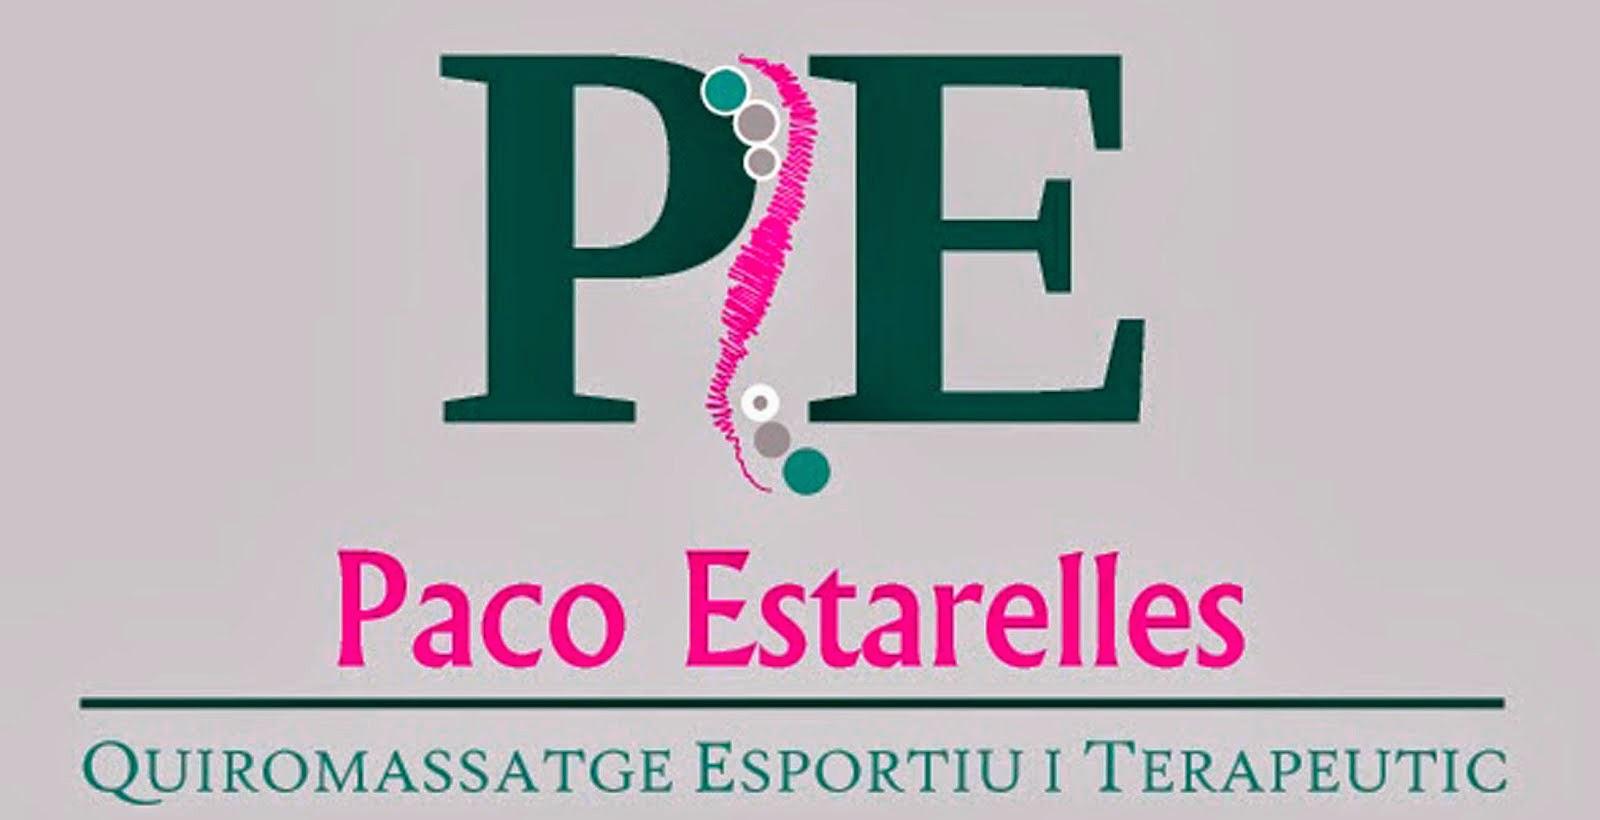 Paco Estarelles